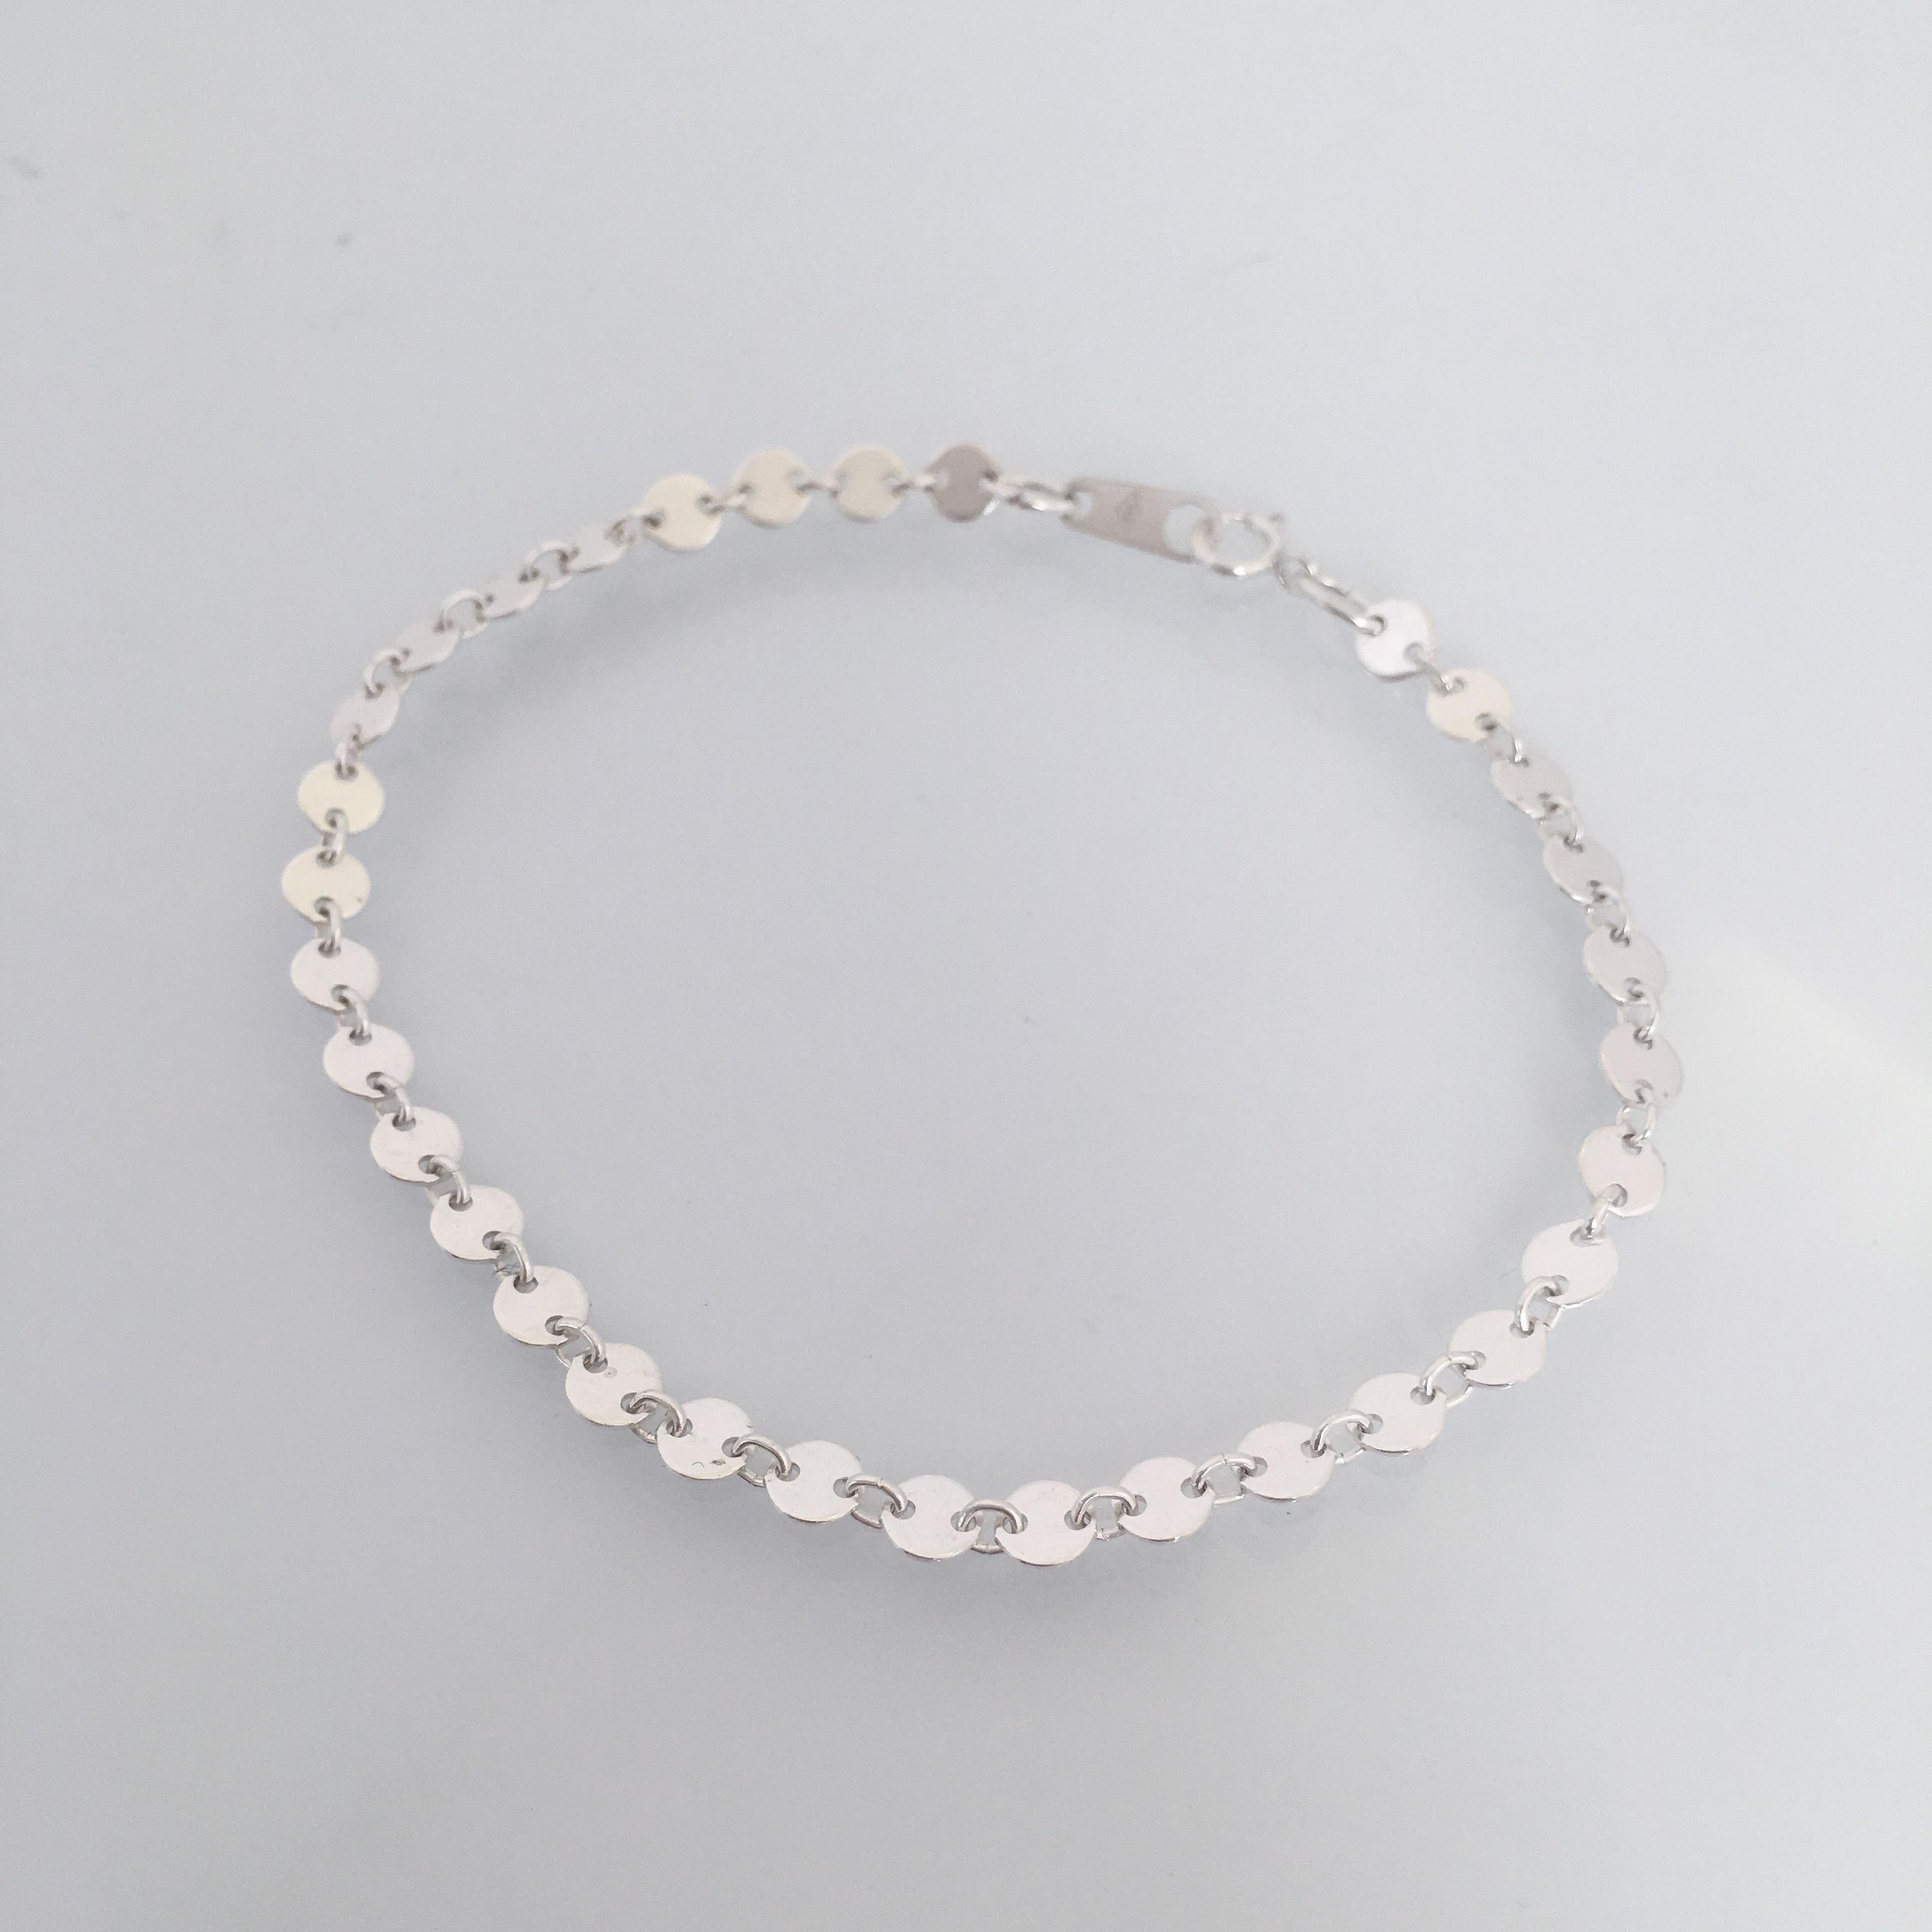 【受注生産】B-S1 silver925 bracelet